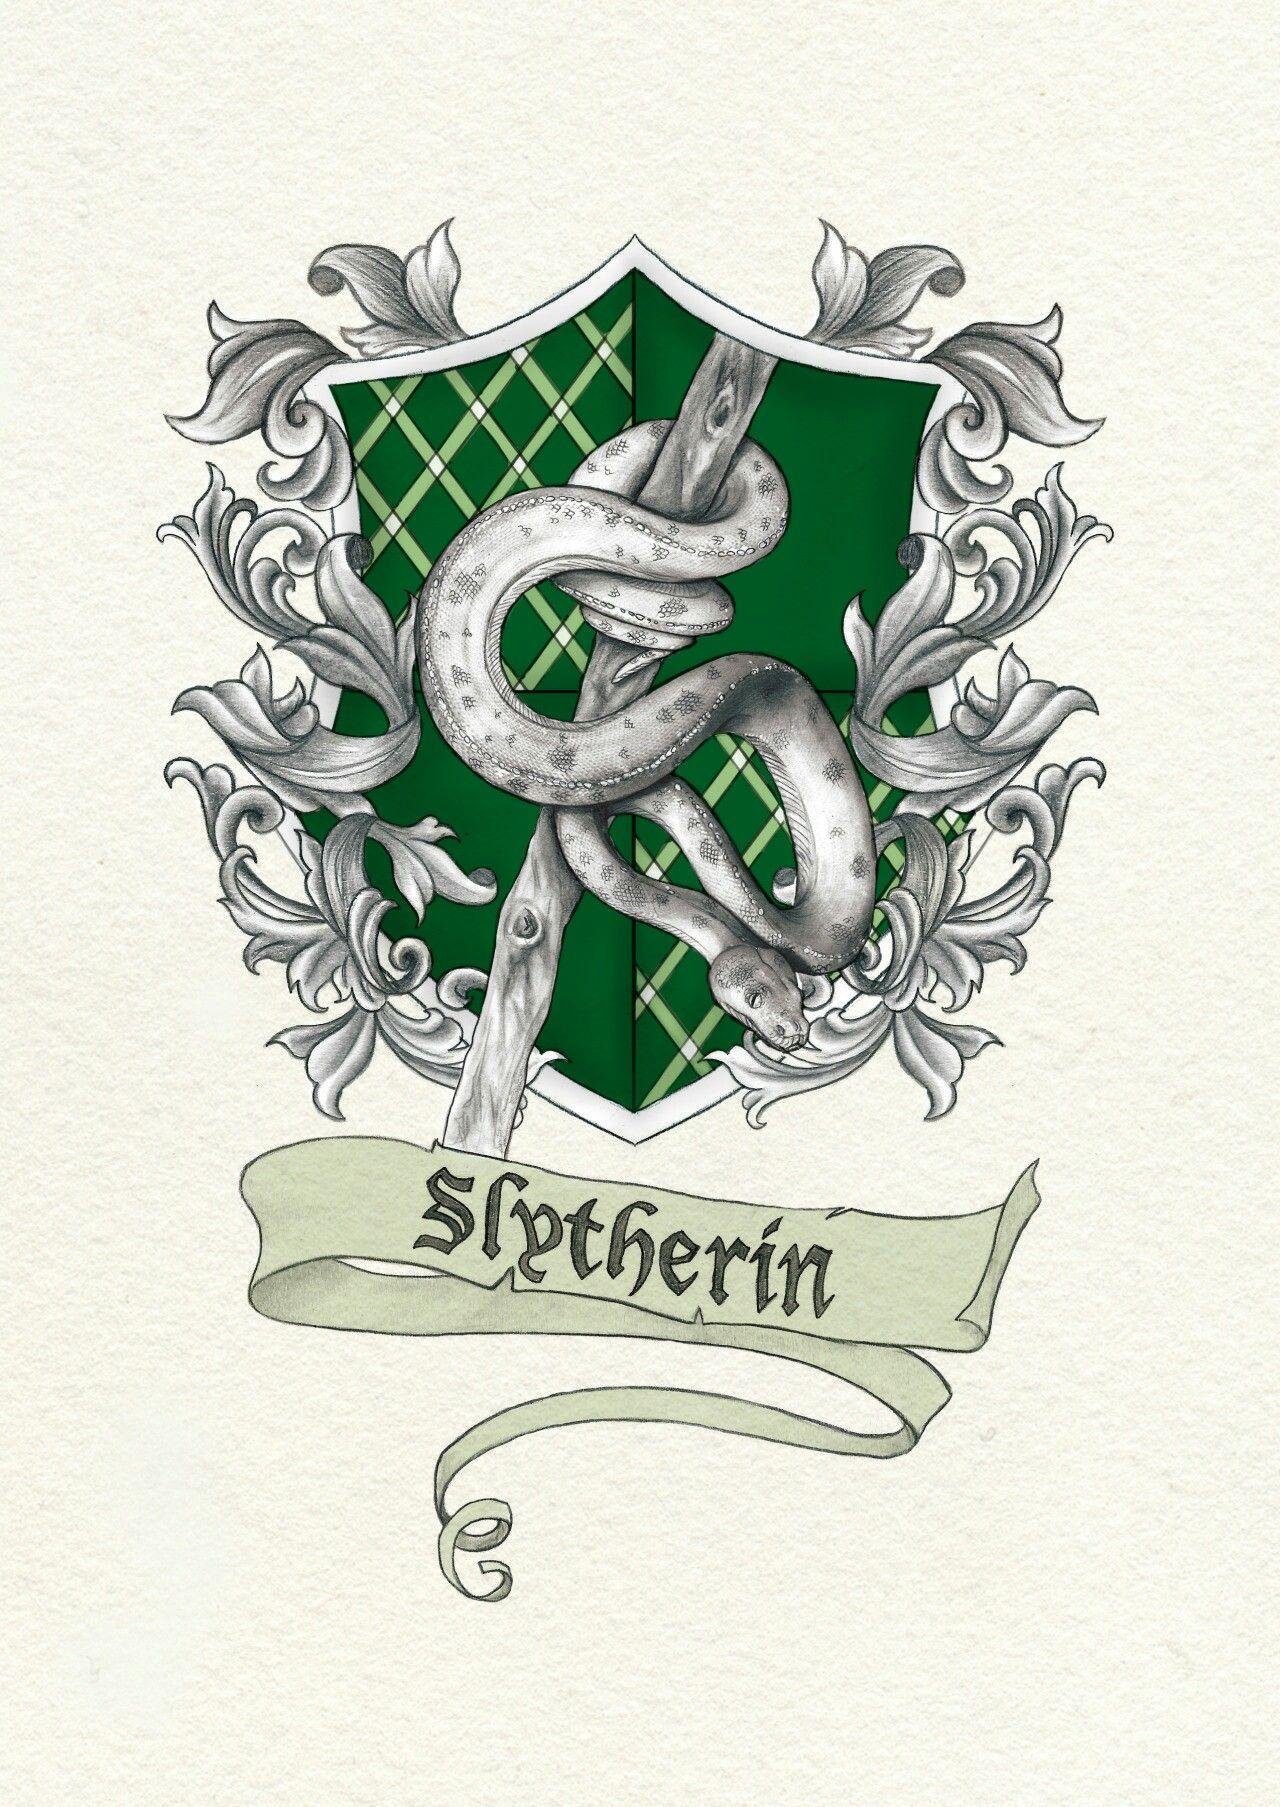 красивые картинки герба слизерина вуличенко